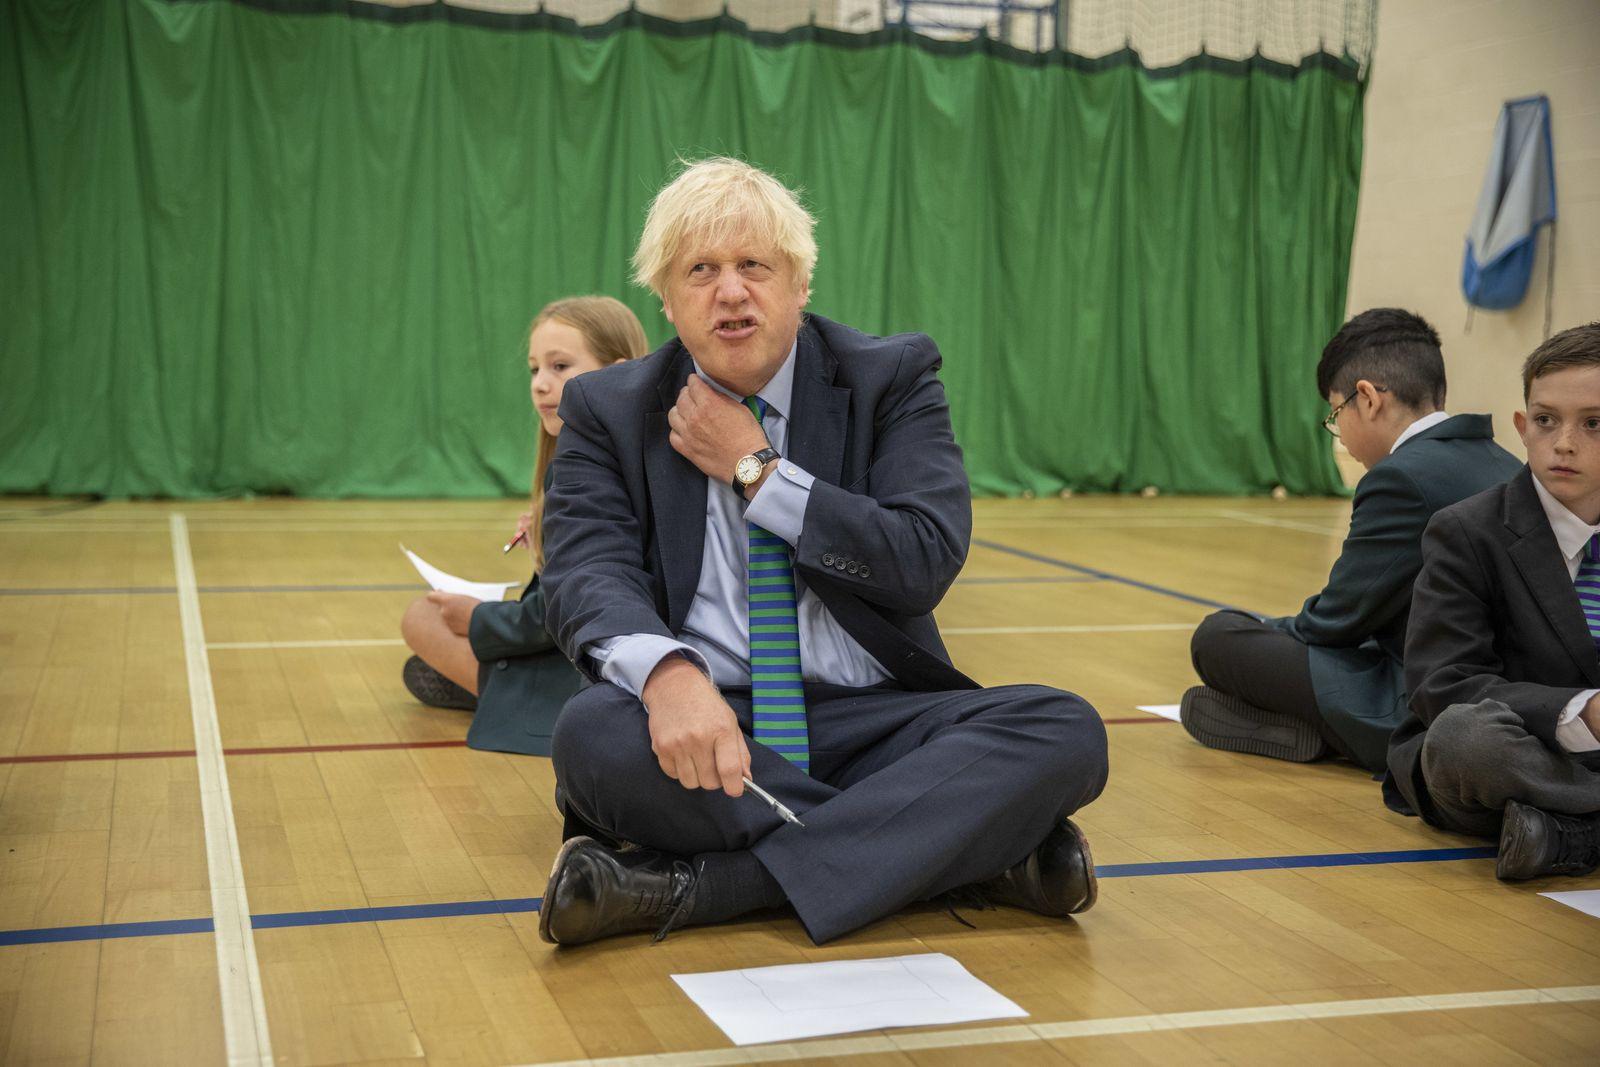 Premierminister Johnson besucht Schule